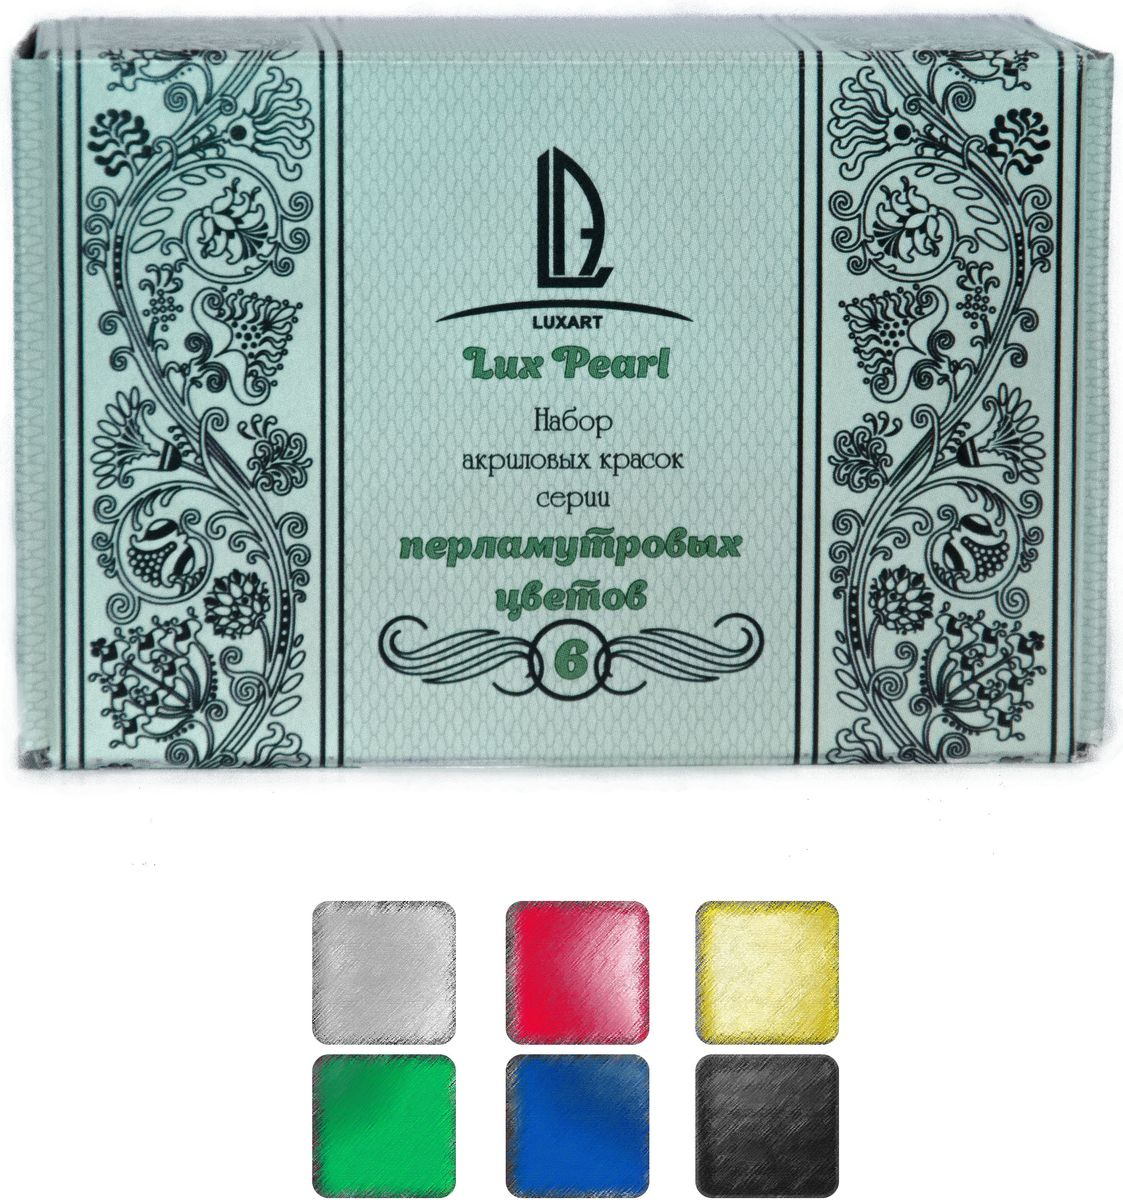 Luxart Набор красок LuxSet Pearl 6 цветов 20 млSR6V20;Набор акриловых красок перламутровой серии 6 цветов по 20 мл.